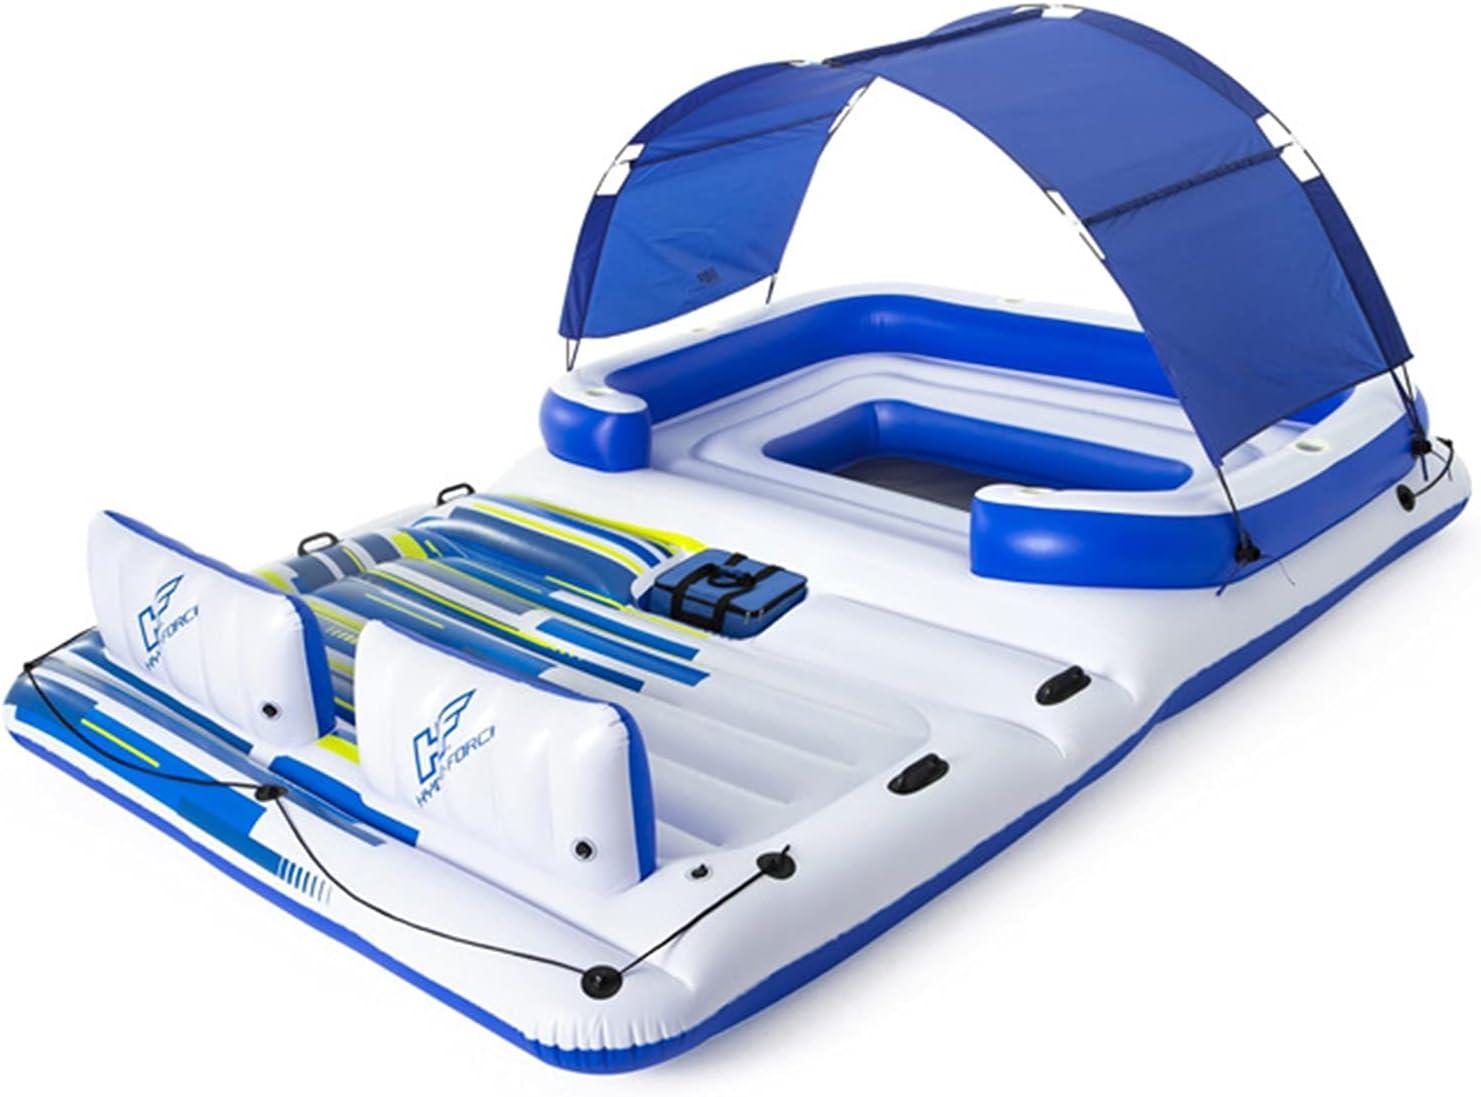 ZXQZ Kayak Barco Flotante Inflable, Juguetes Acuáticos Flotantes para Piscina Sea Island con Cubo de Hielo Y Parasol UV, para Fiestas En La Piscina